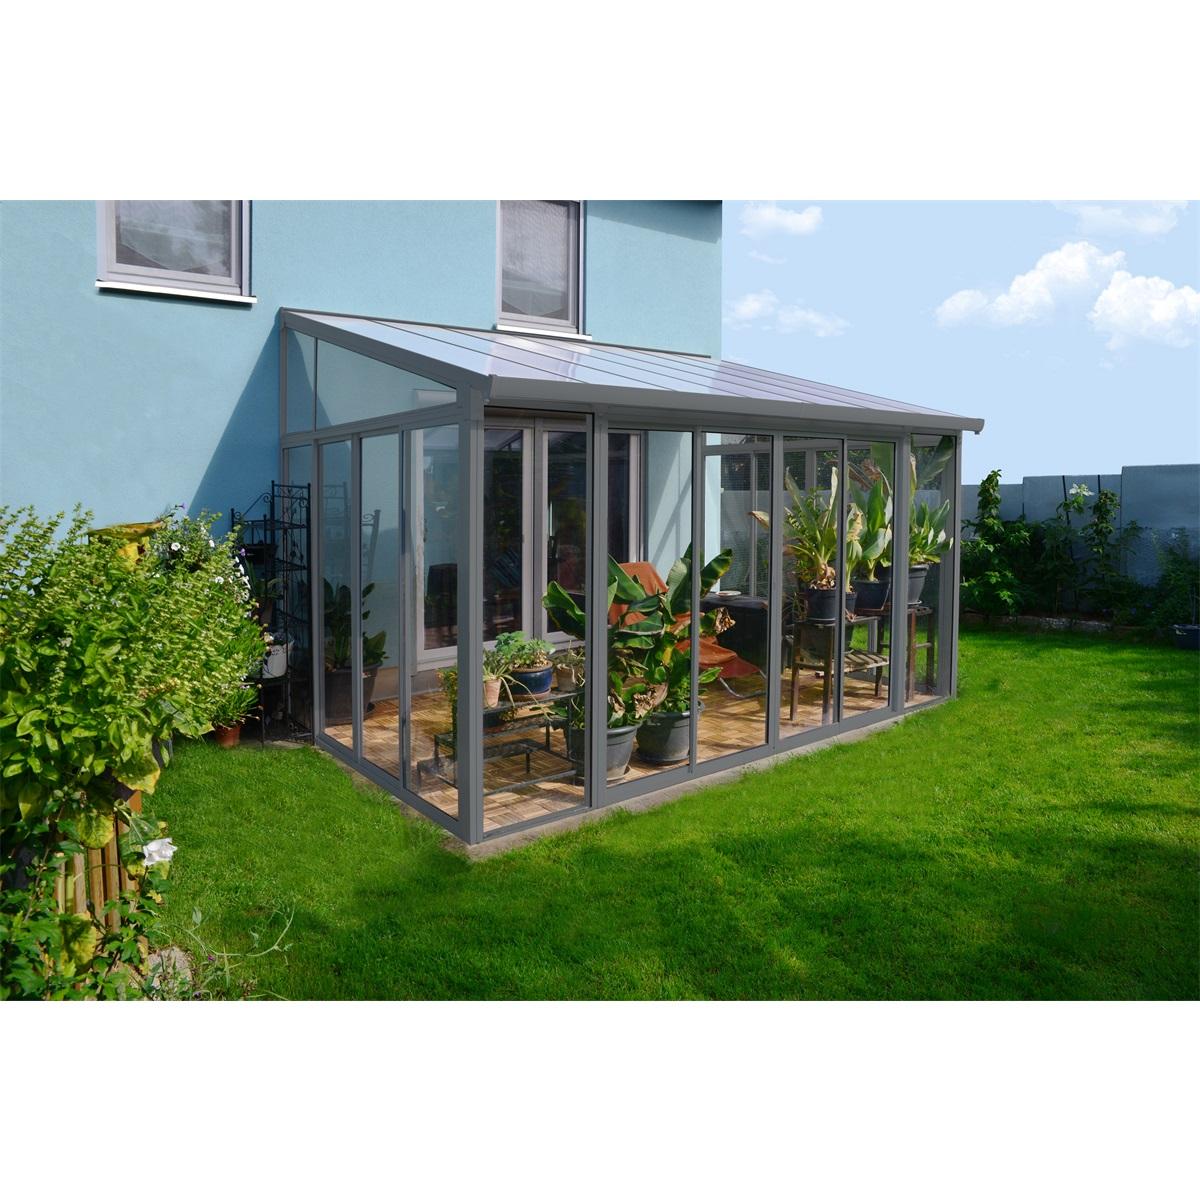 zimná zahrada Palram Torino 3x4,25 šedá